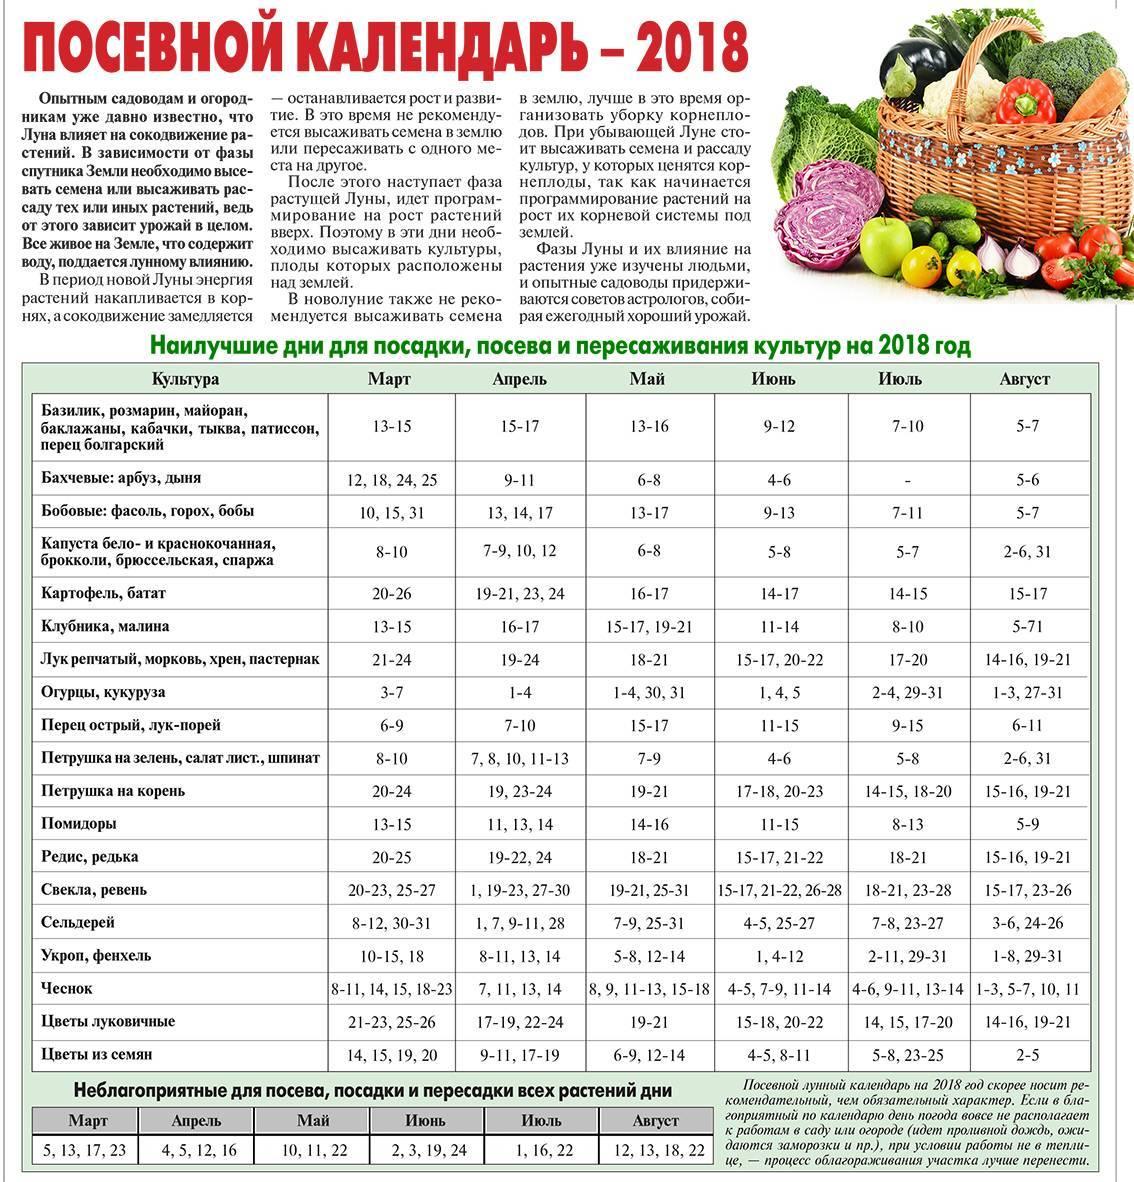 Когда нужно убирать лук в 2021 году в Подмосковье и Московской области с грядки на хранение